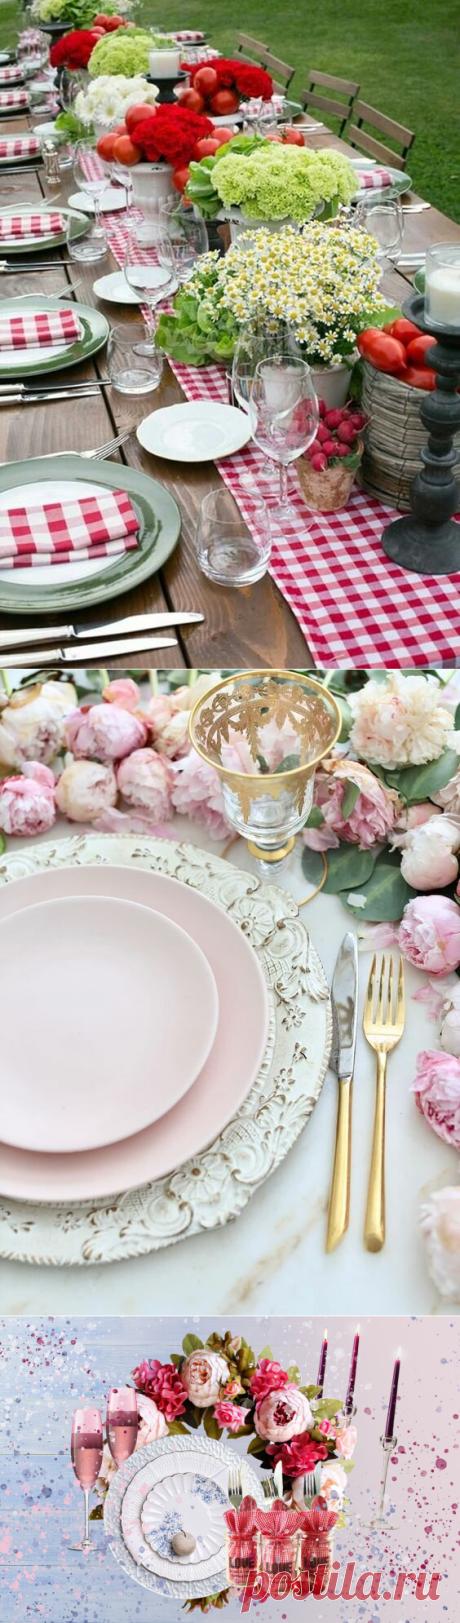 4 идеи сервировки стола для летних вечеринок. | WOW INTERIOR | Яндекс Дзен